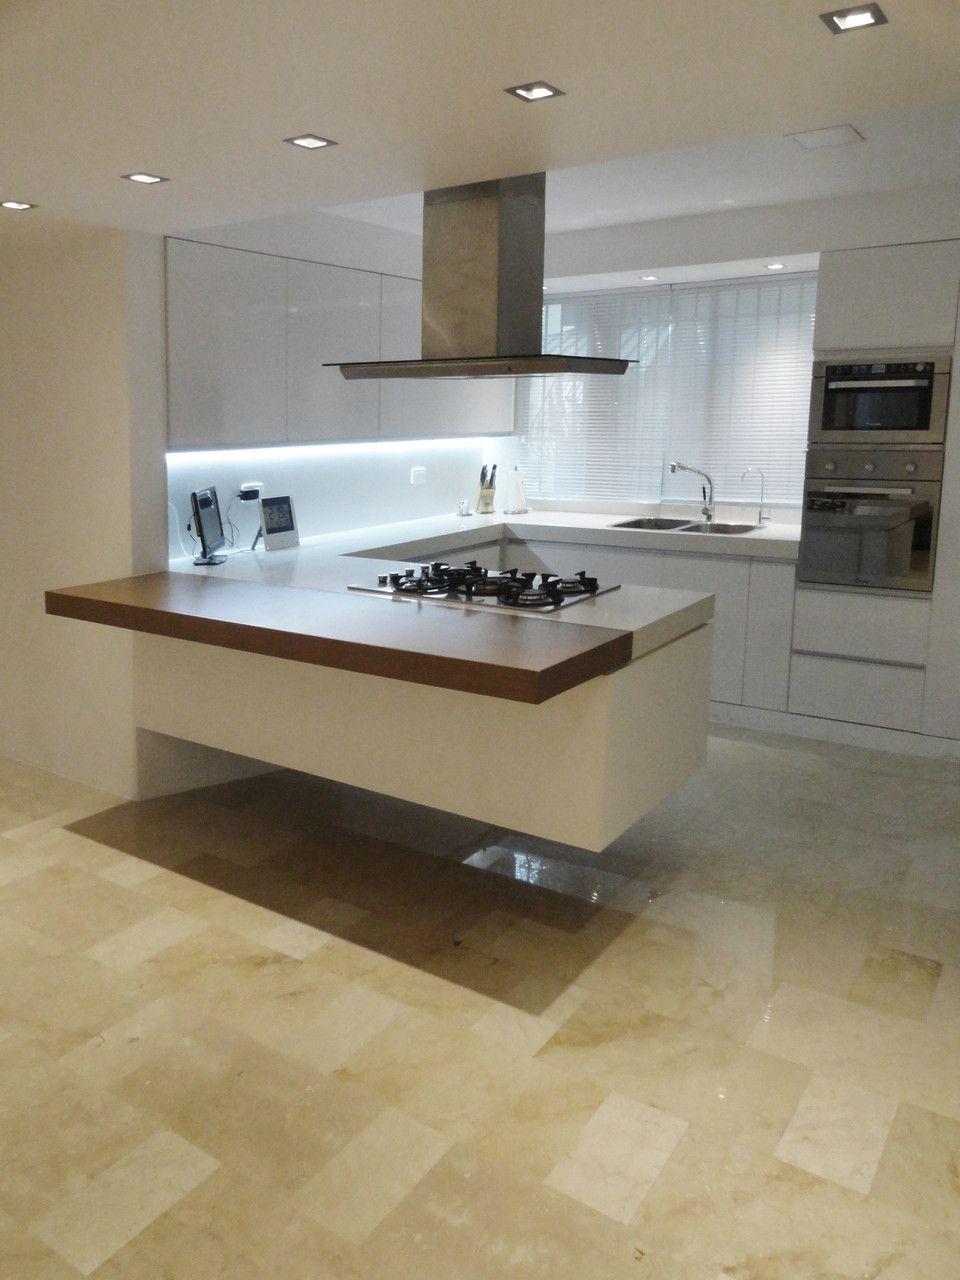 Cocina flotante en remodelaci n de apartamento en cumbre for Cocinas whirlpool modelos